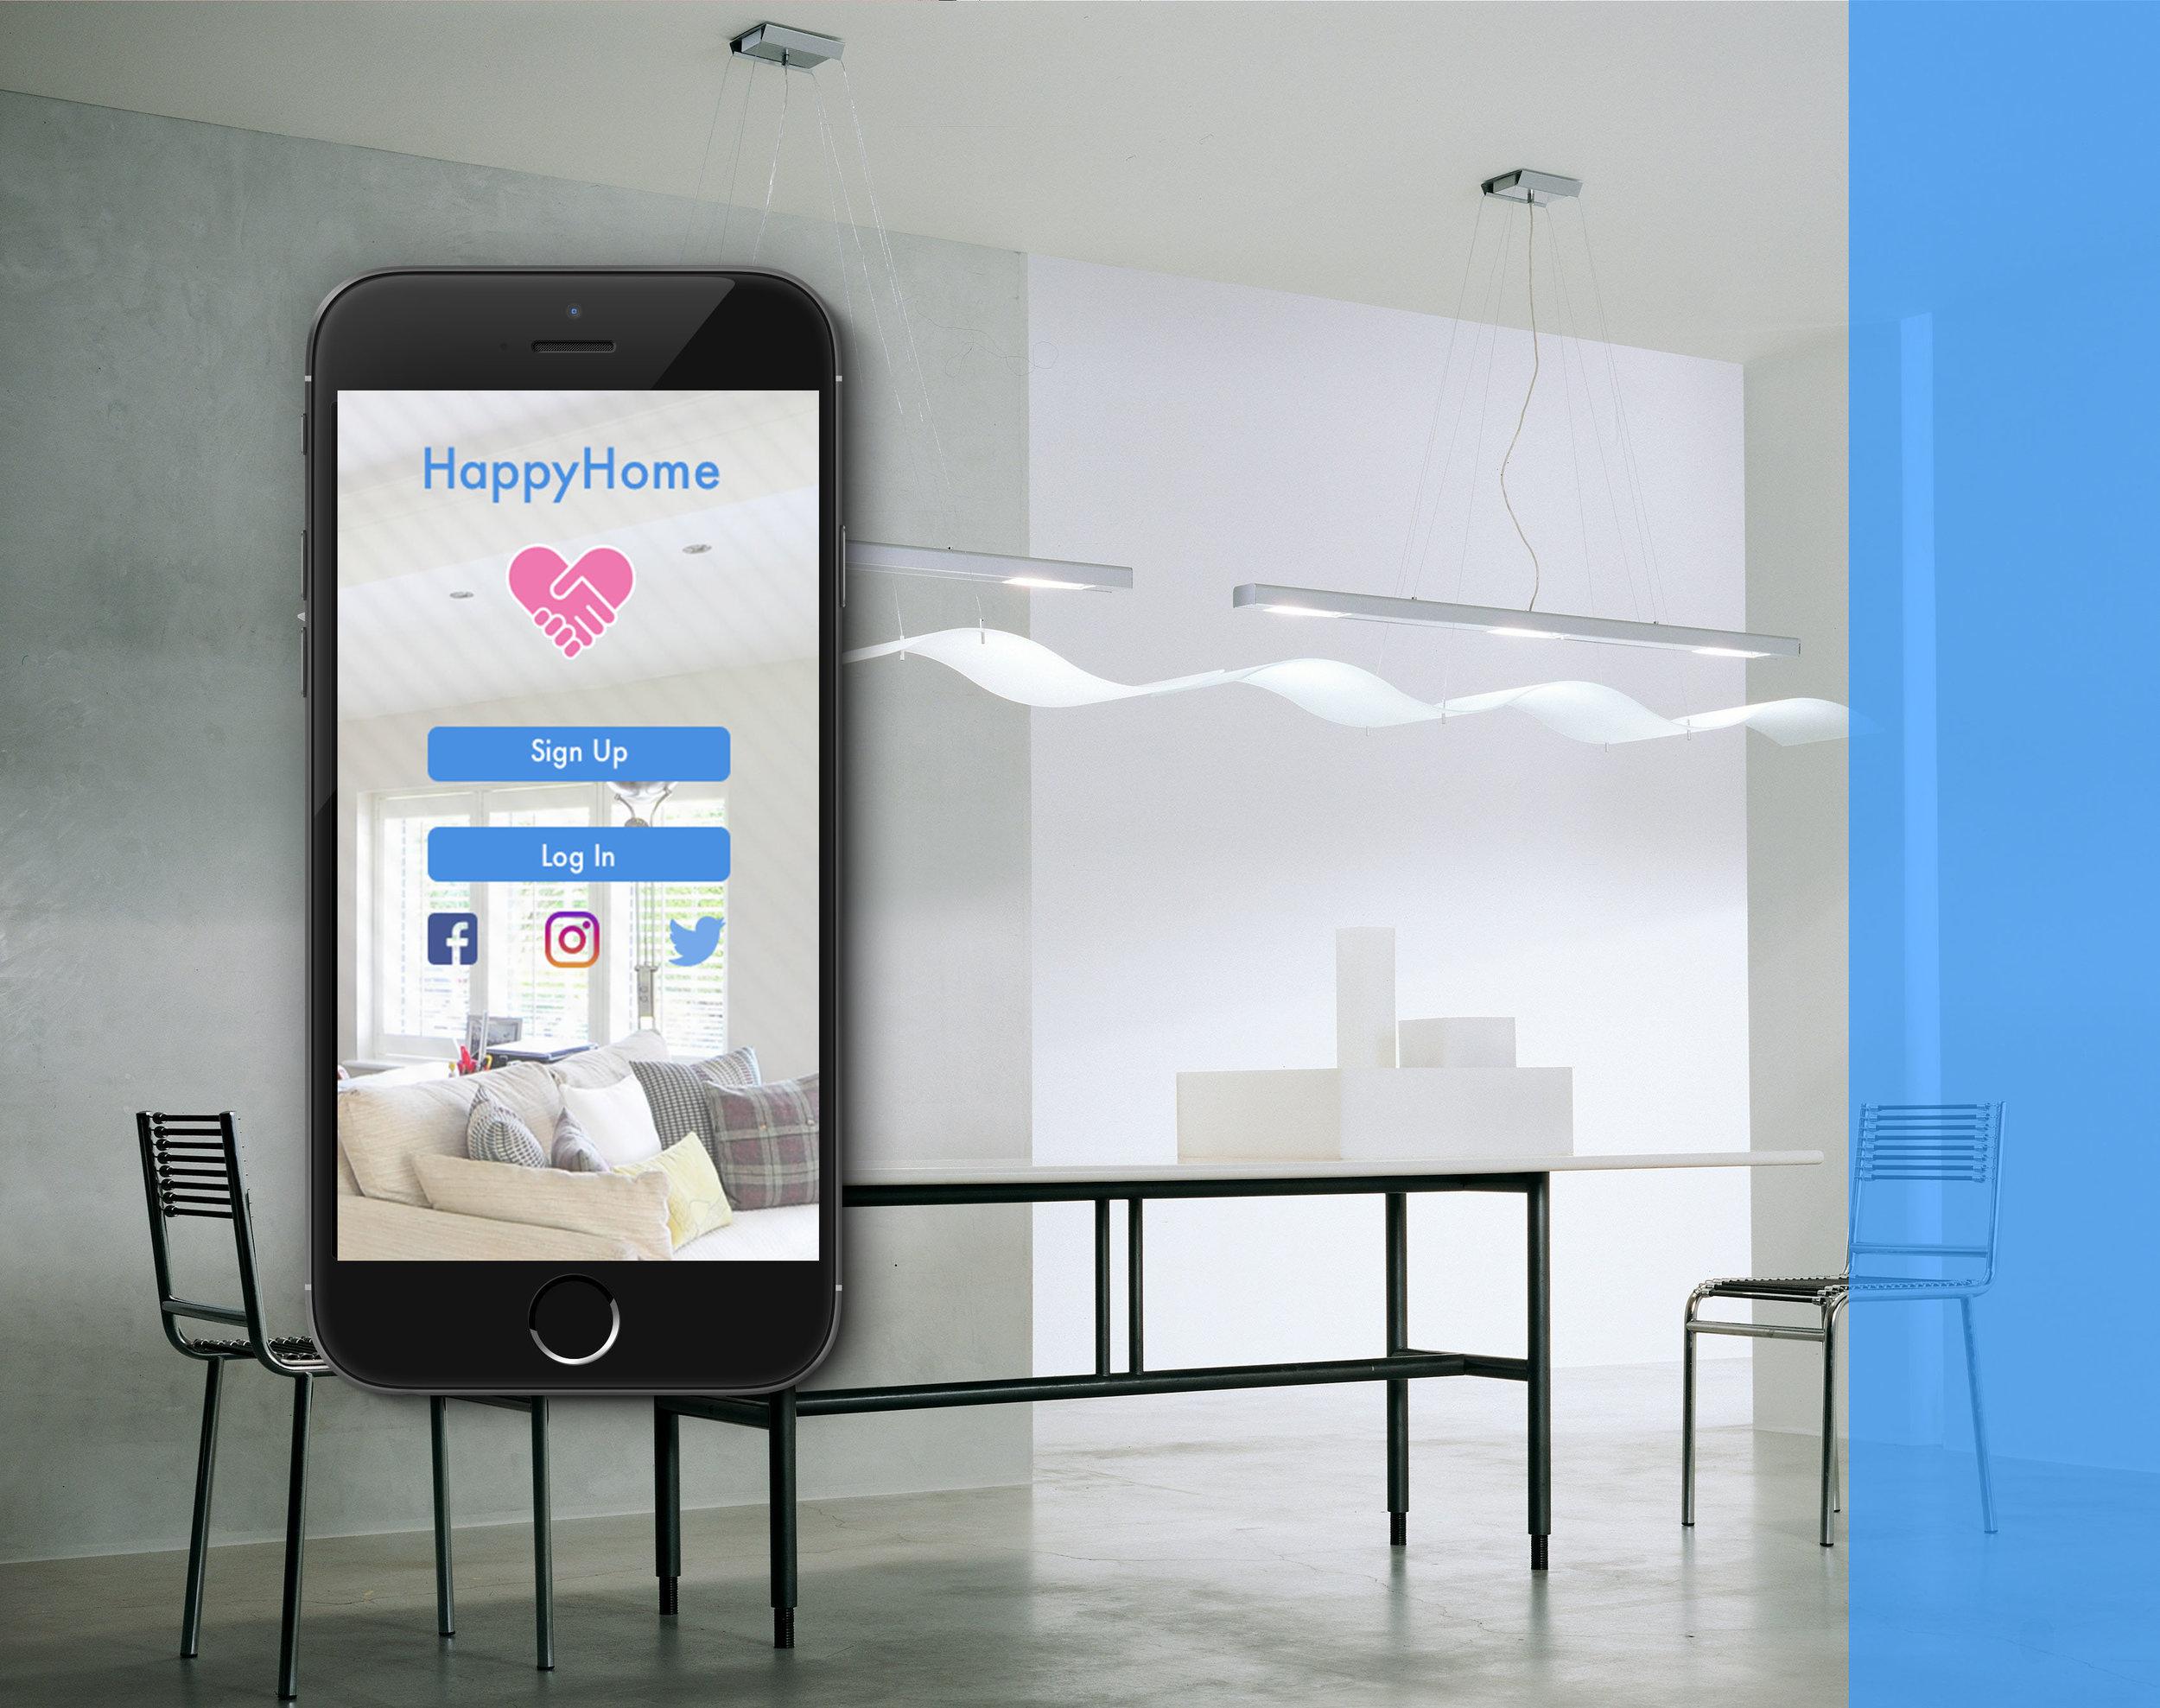 HappyHome - App prototype